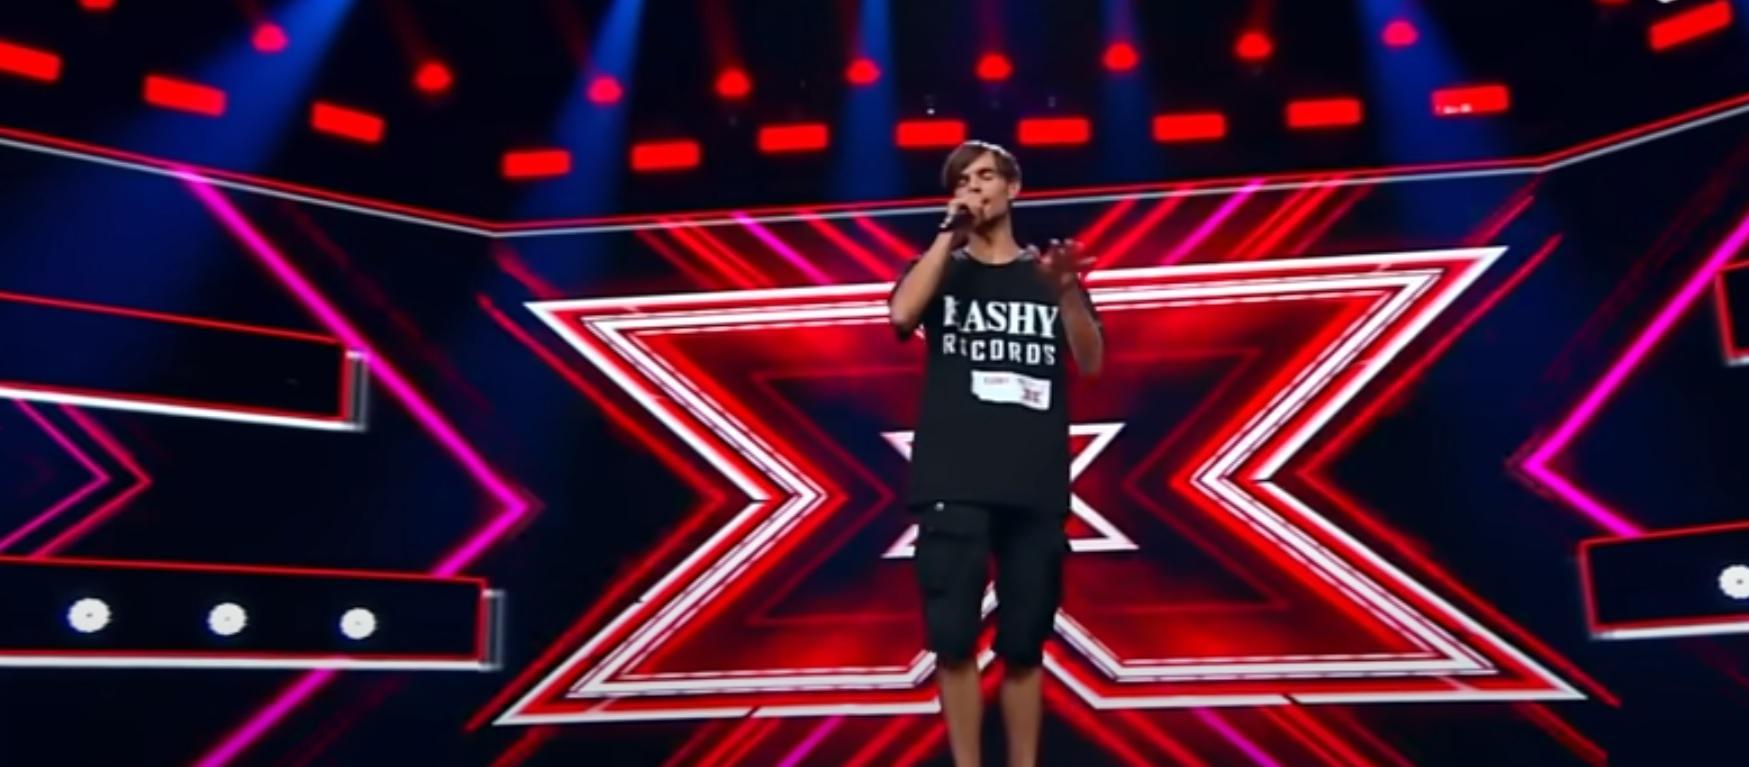 """Kashy: """"Primul gând când am urcat pe scena X Factor a fost efectiv să explodez!"""""""